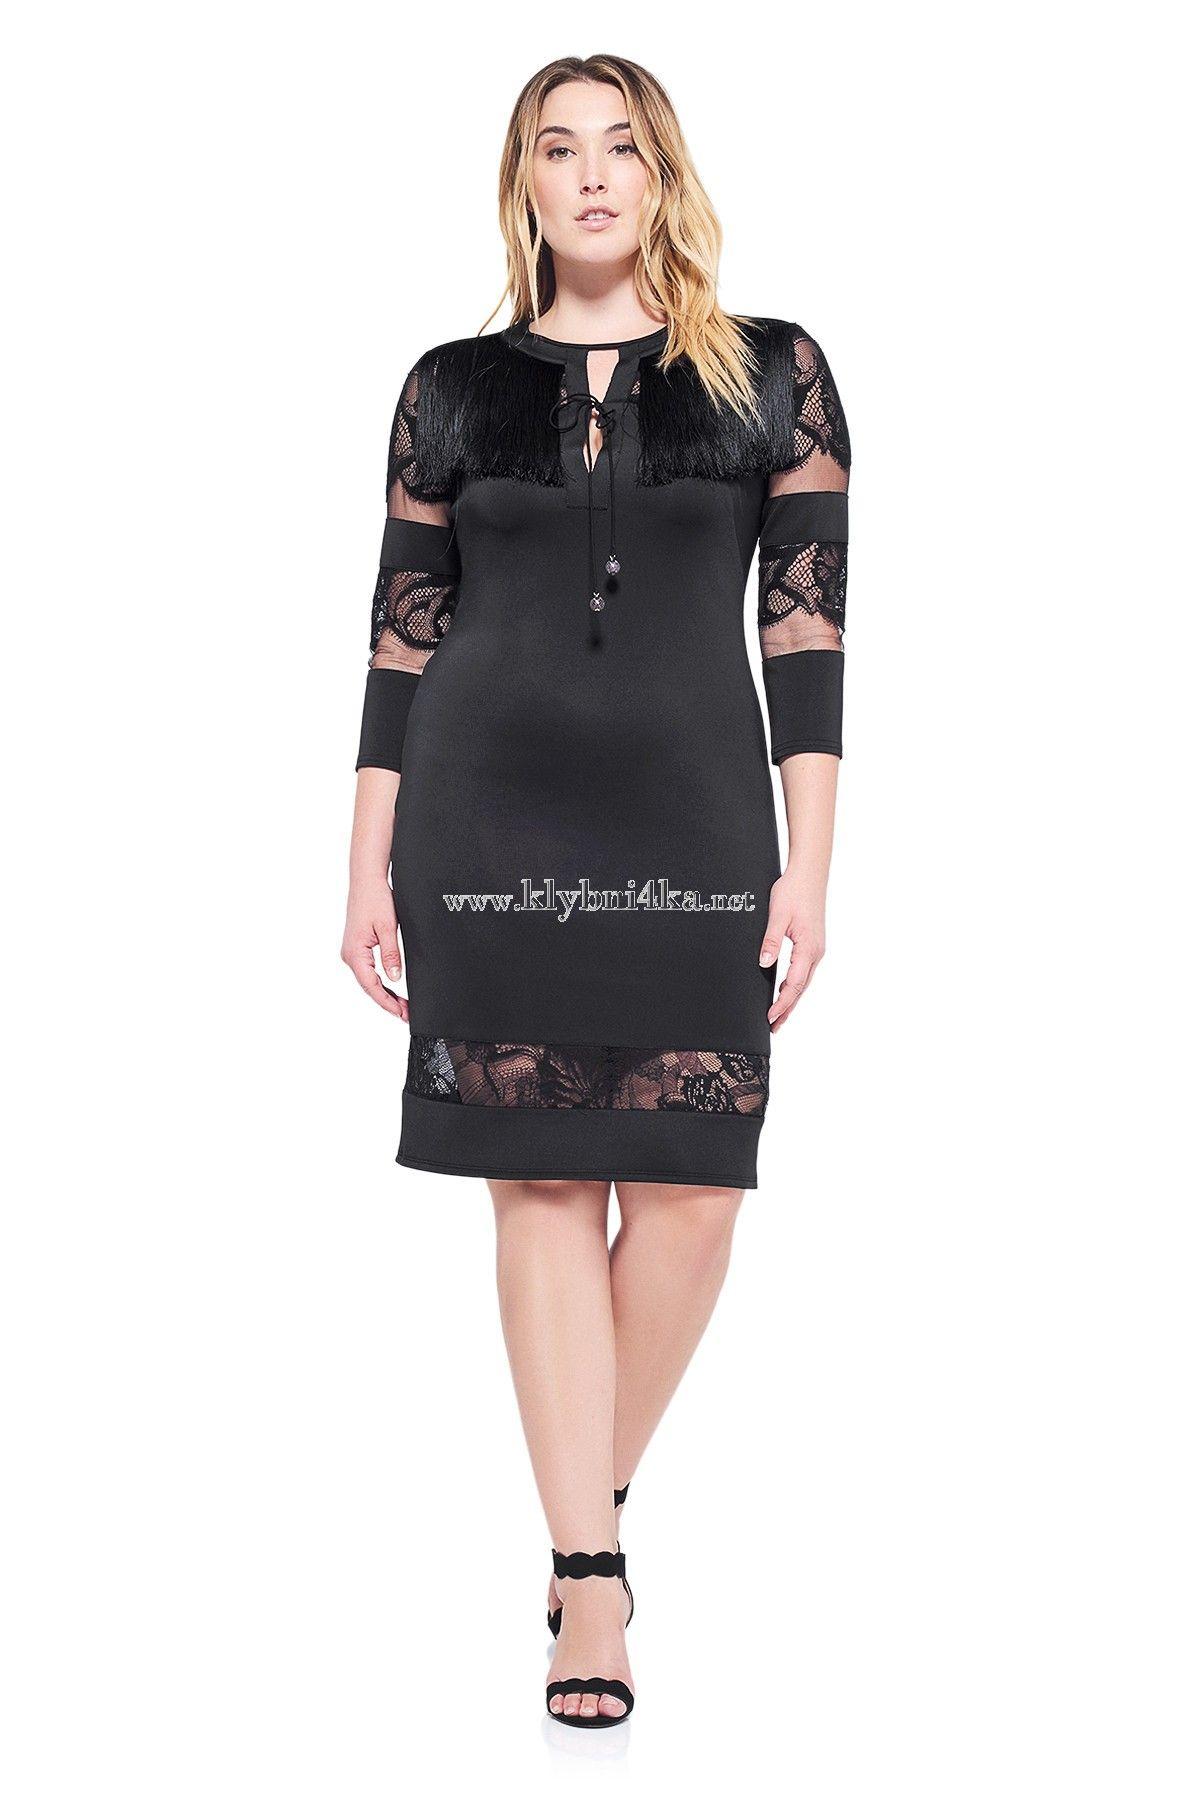 Маленькое черное кружевное платье  #платьяplussize #платьядляполных #пикантныйразмер